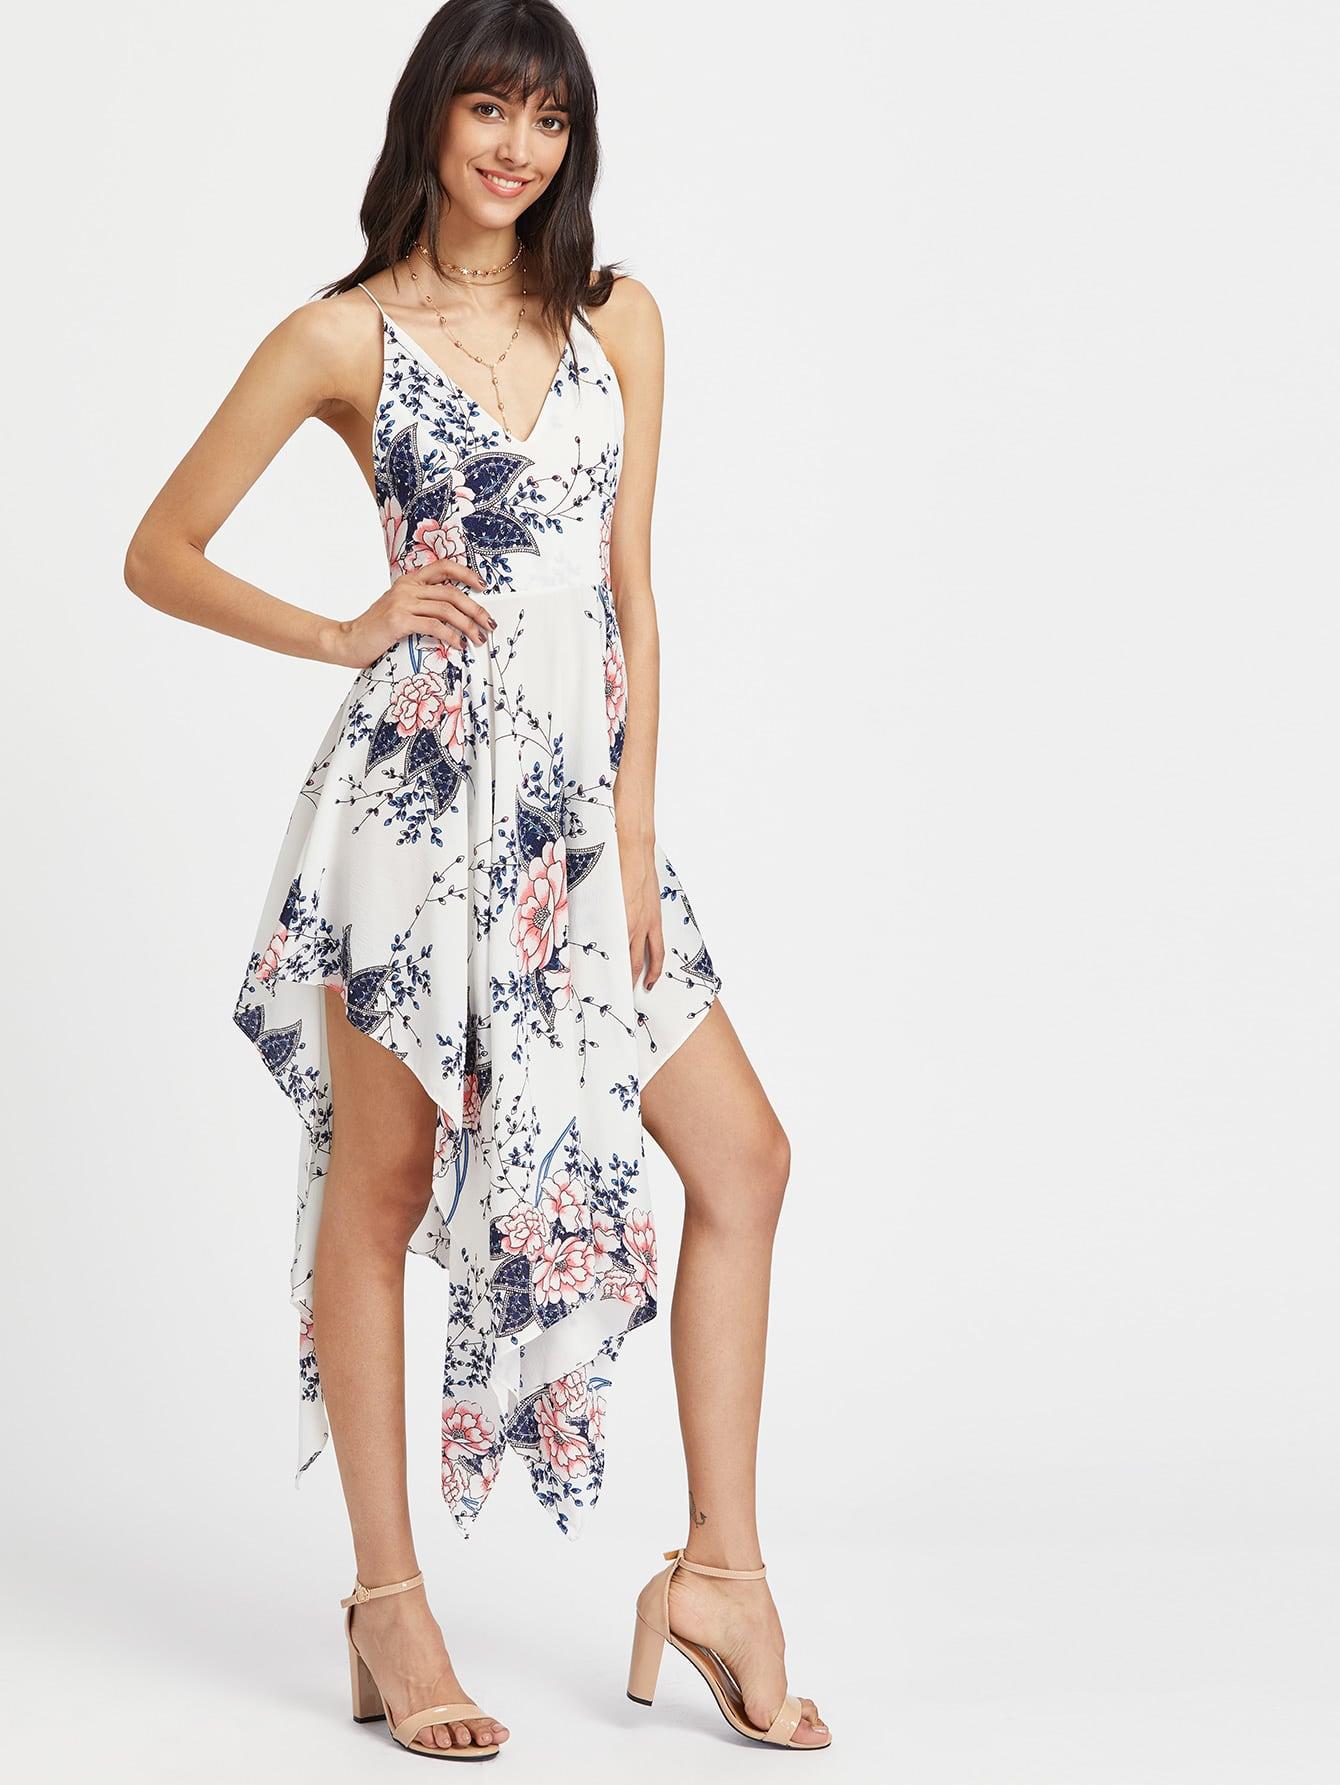 dress170421103_2